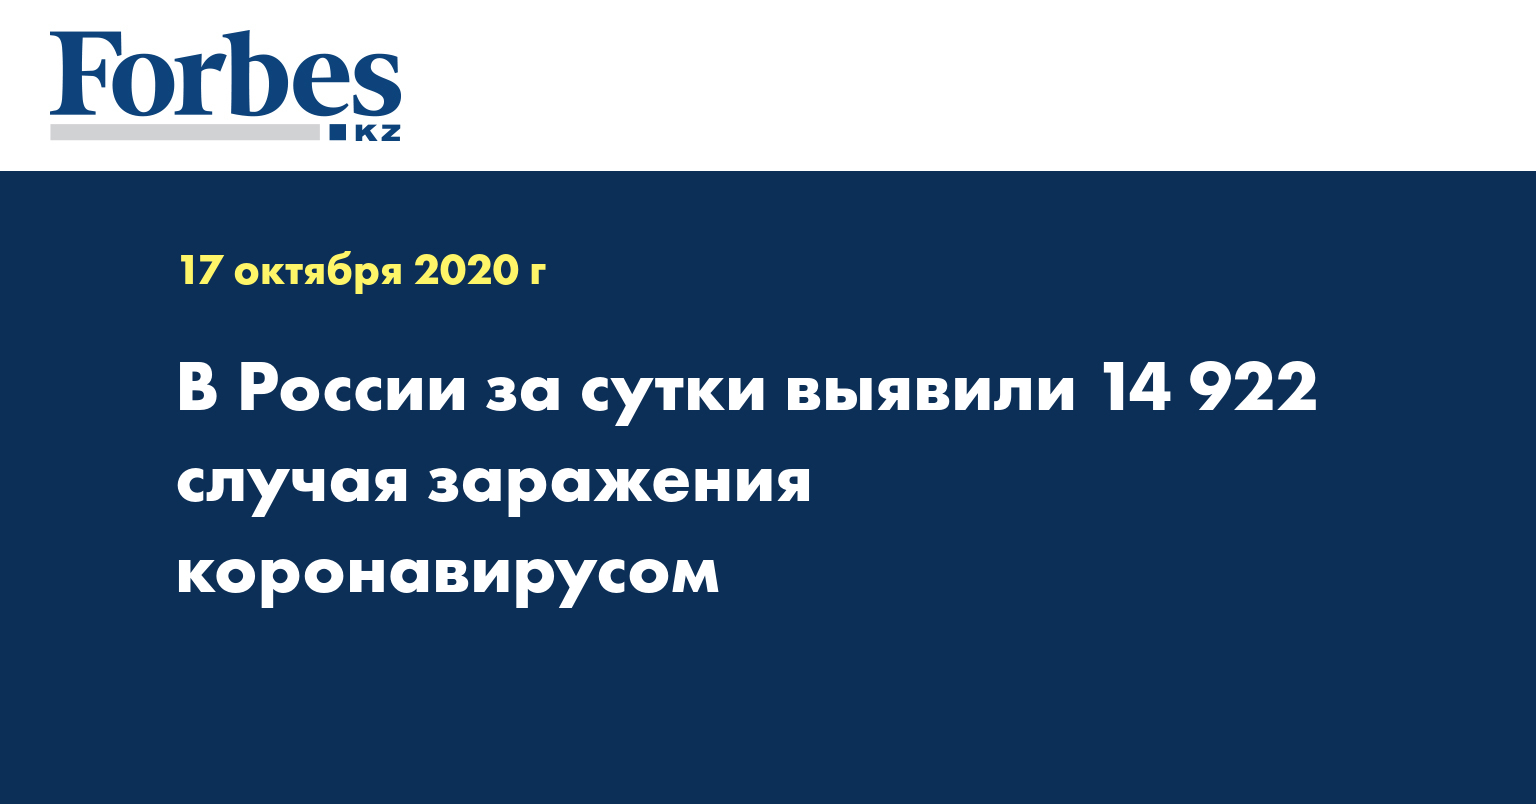 В России за сутки выявили 14 922 случая заражения коронавирусом